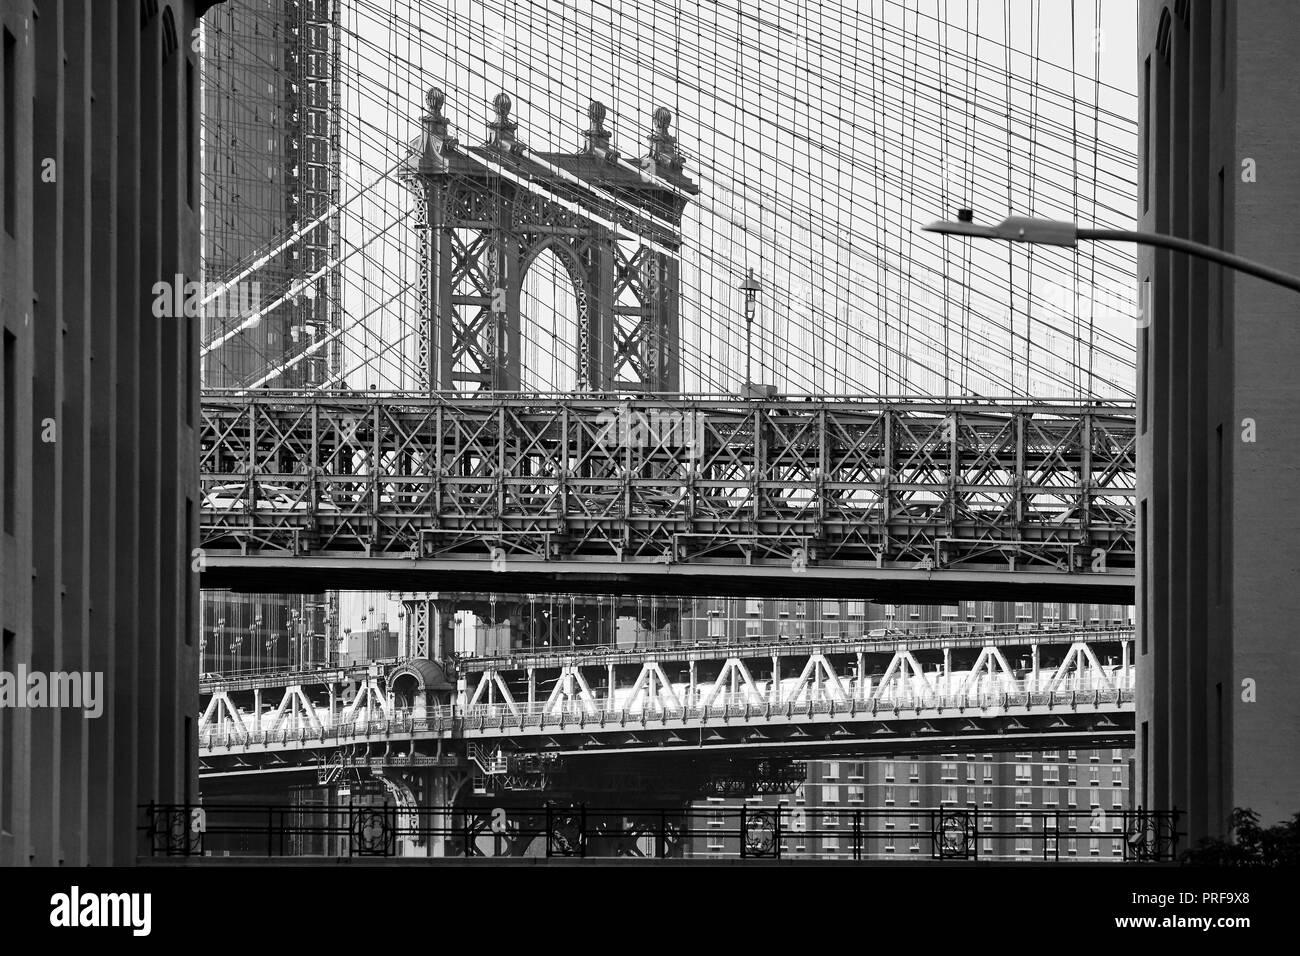 Schwarz-weiß Bild von Brooklyn und Manhattan Bridge in einem Rahmen, New York City, USA Stockbild